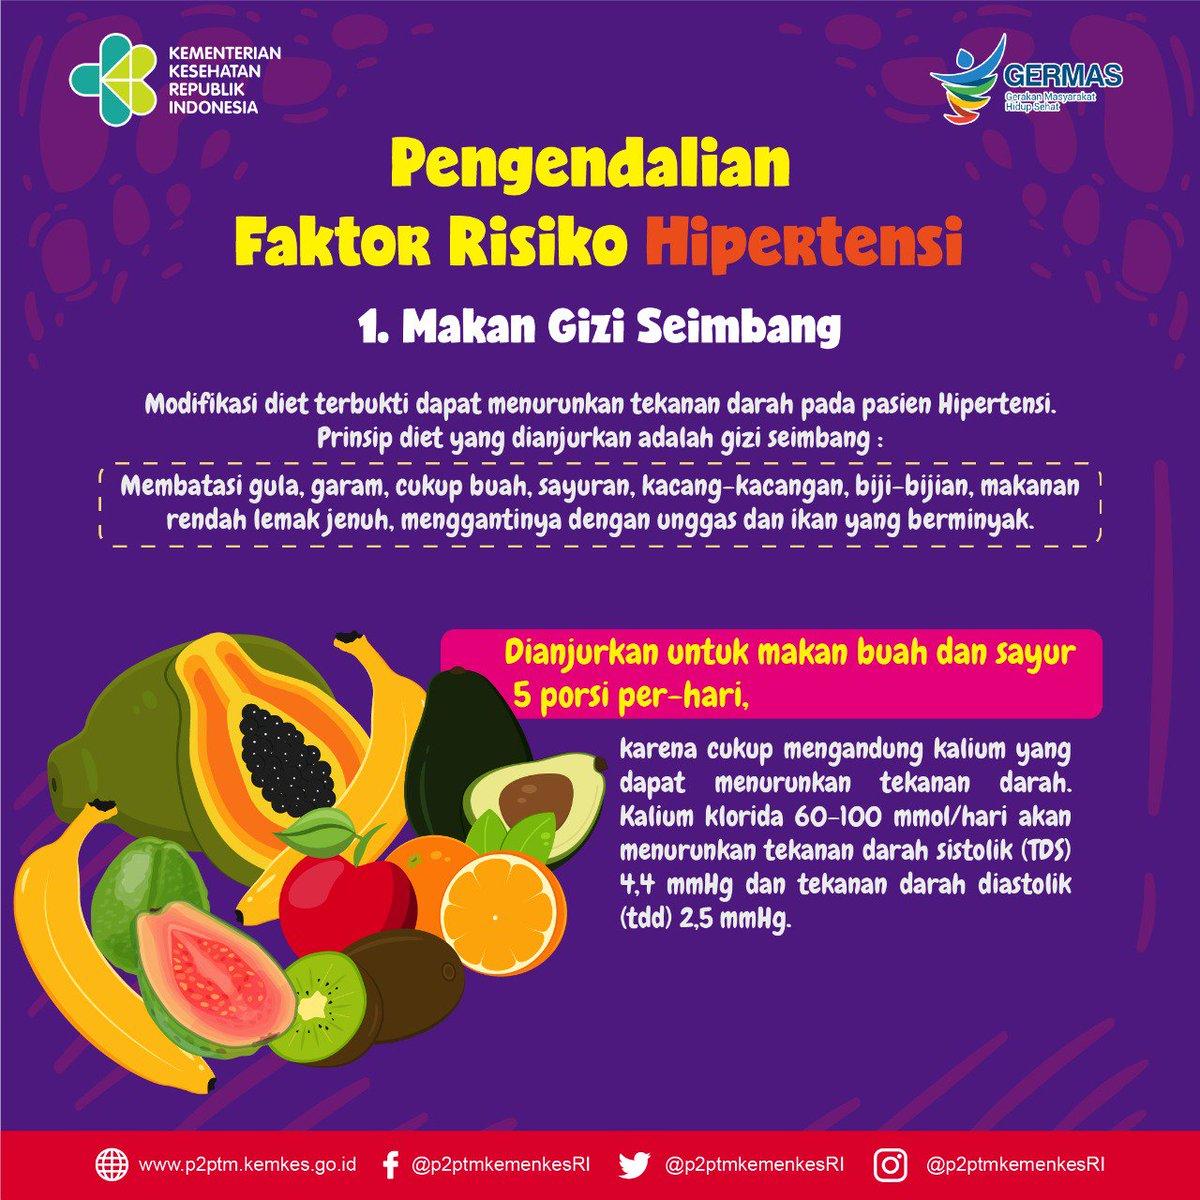 učitavanje hipertenzija)